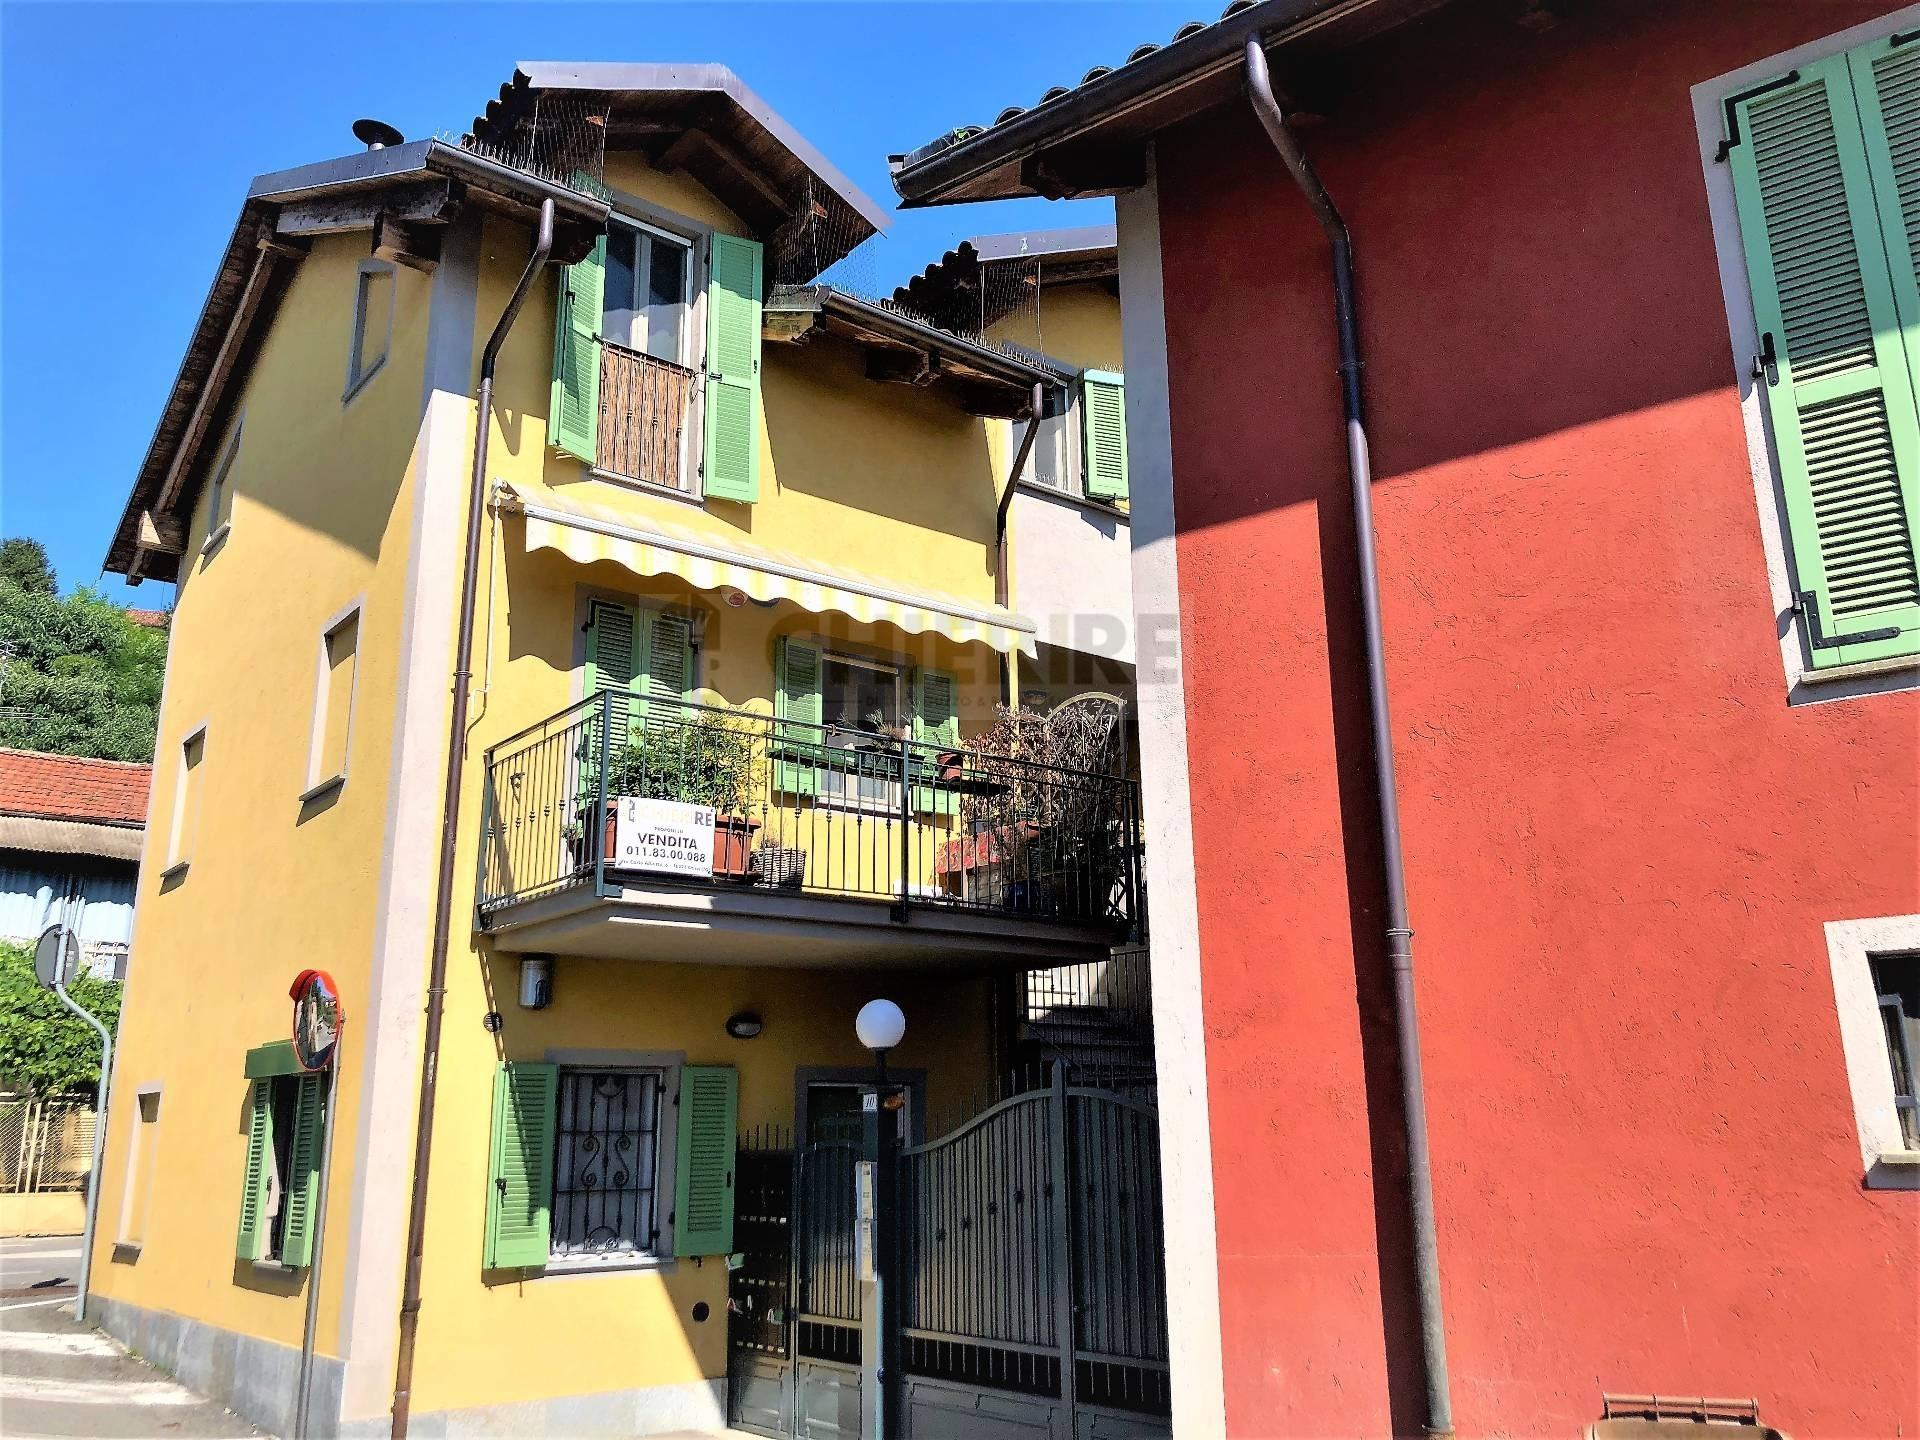 Appartamento in vendita a Andezeno, 4 locali, prezzo € 138.000 | CambioCasa.it